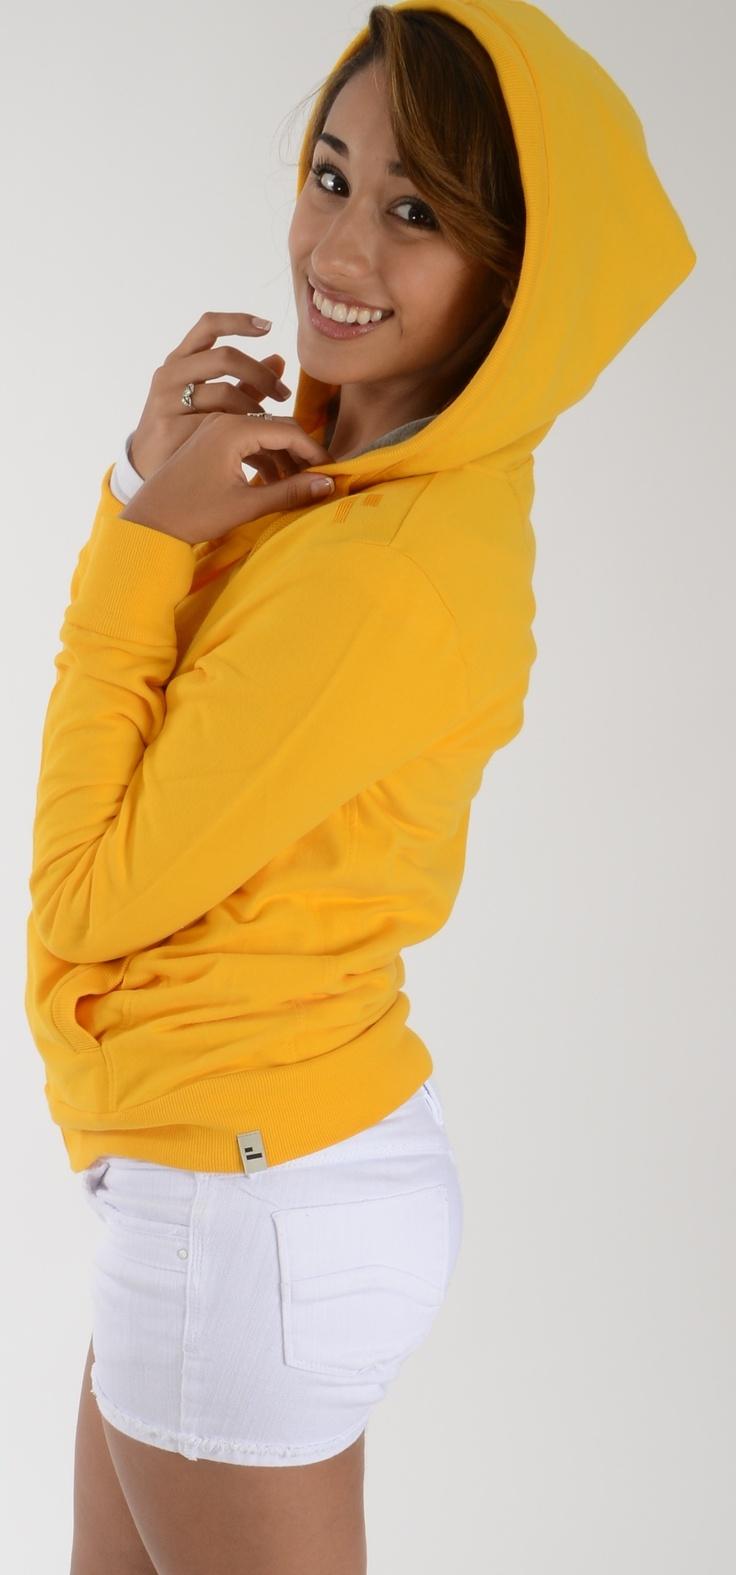 Rhyme & Reason hoodie: Reason Hoodie, Fashion, Bright